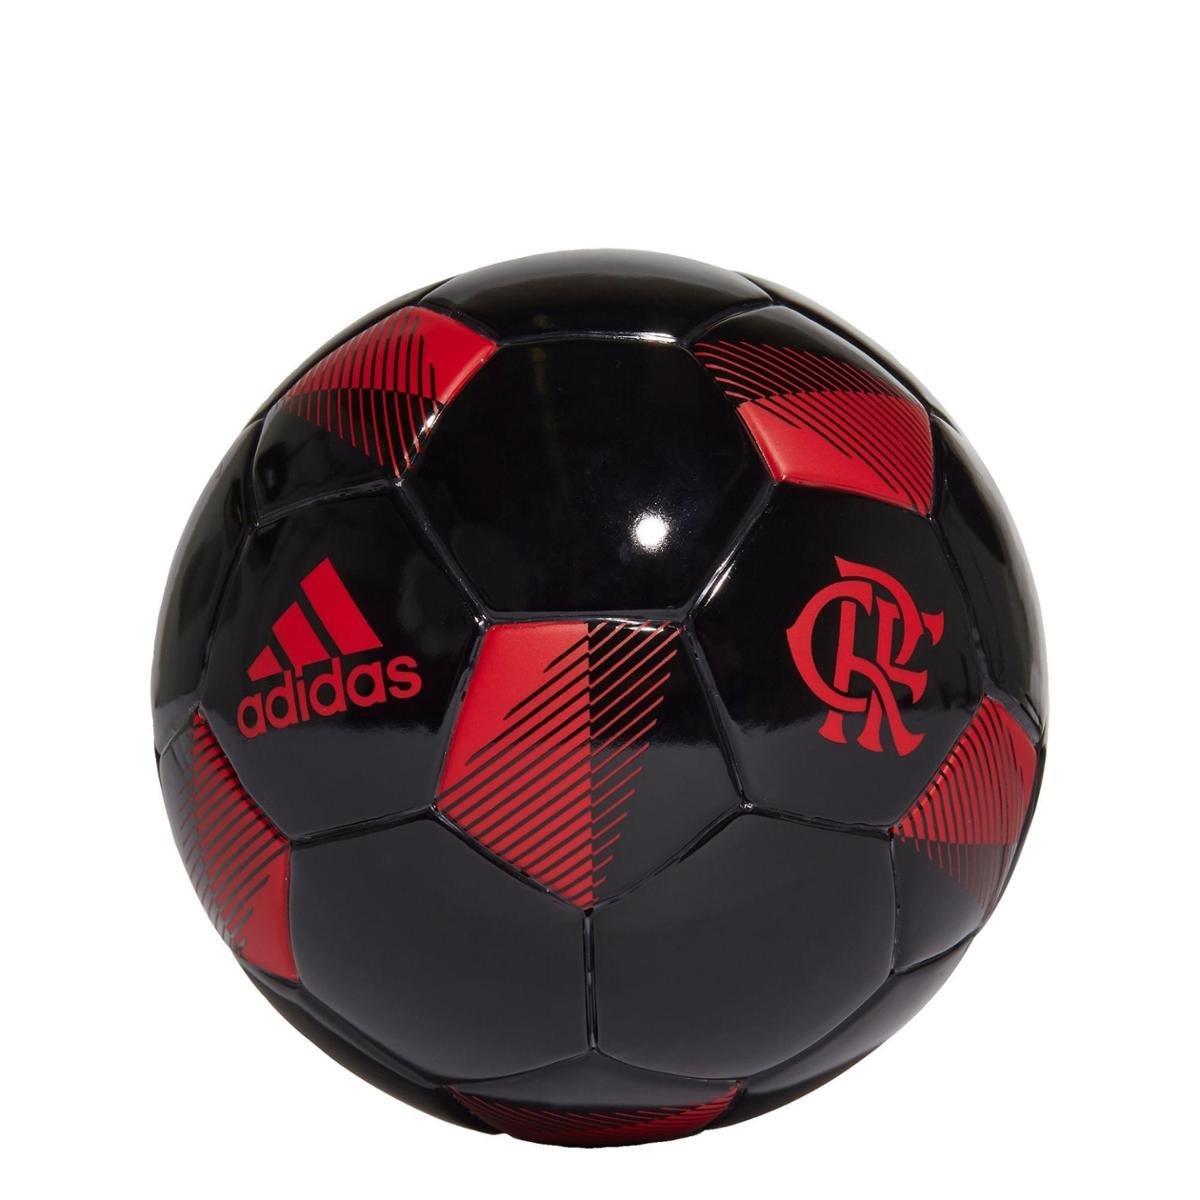 Mini Bola Adidas CR Flamengo